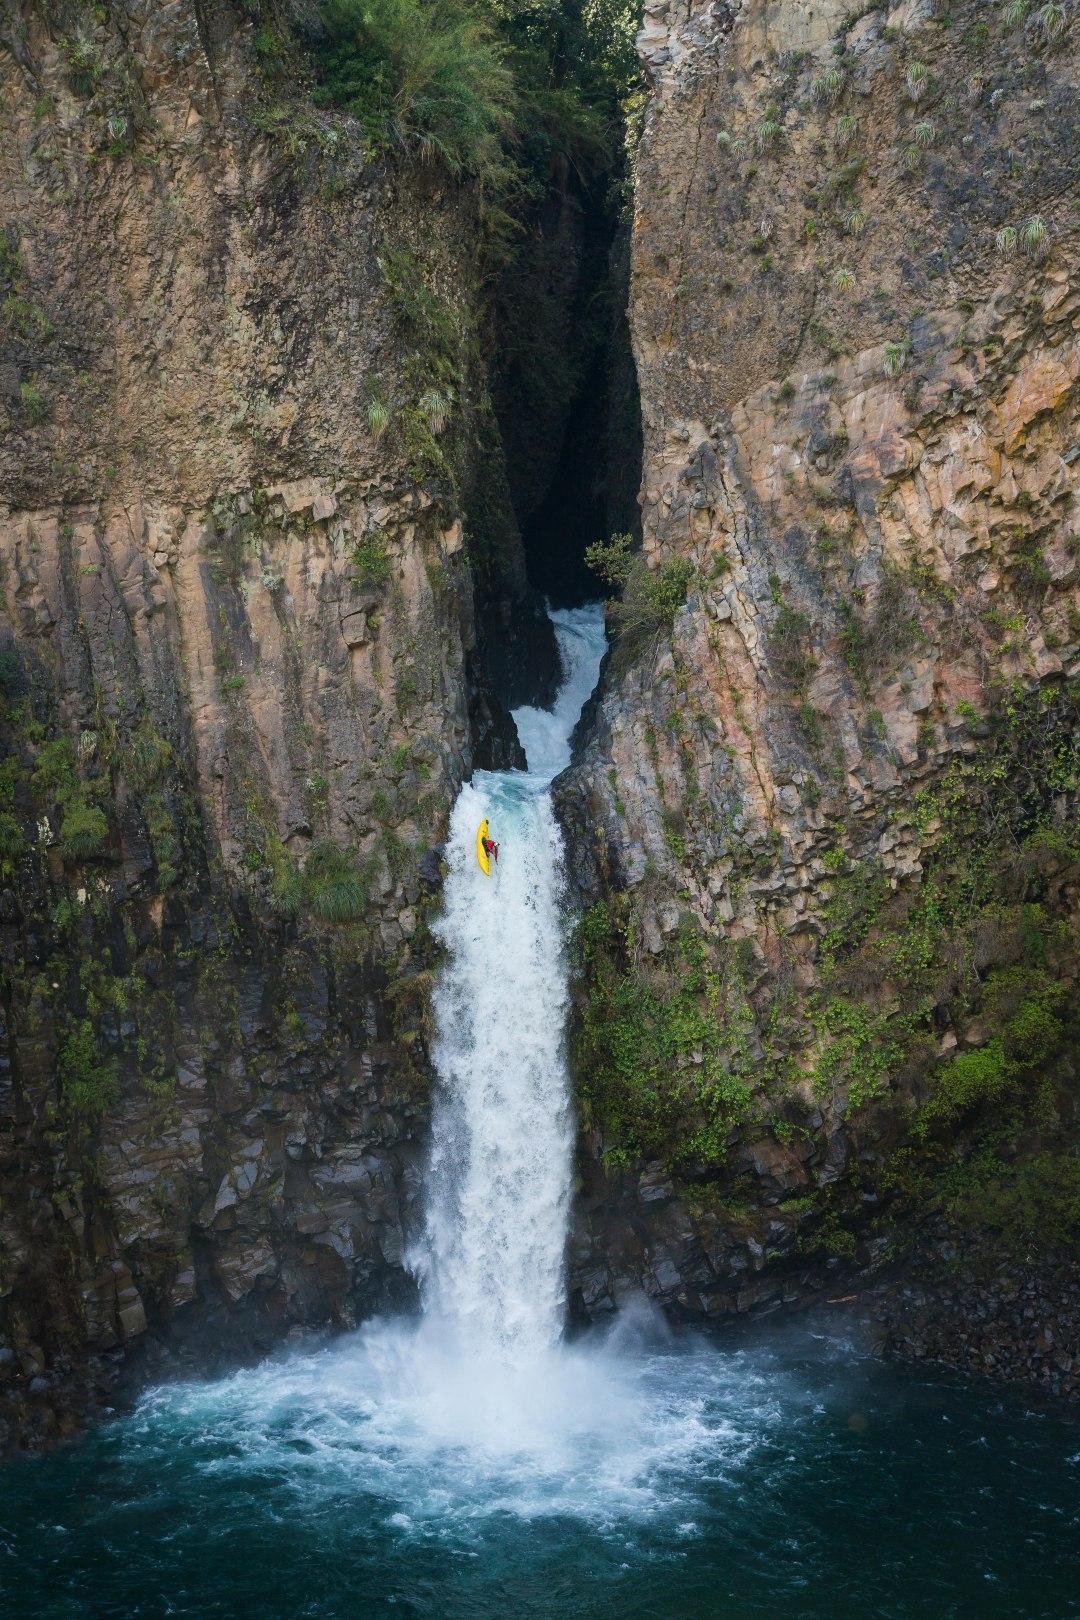 Aniol Serrasolses nella cascata La Leona, fiume claro, zona di Maule.